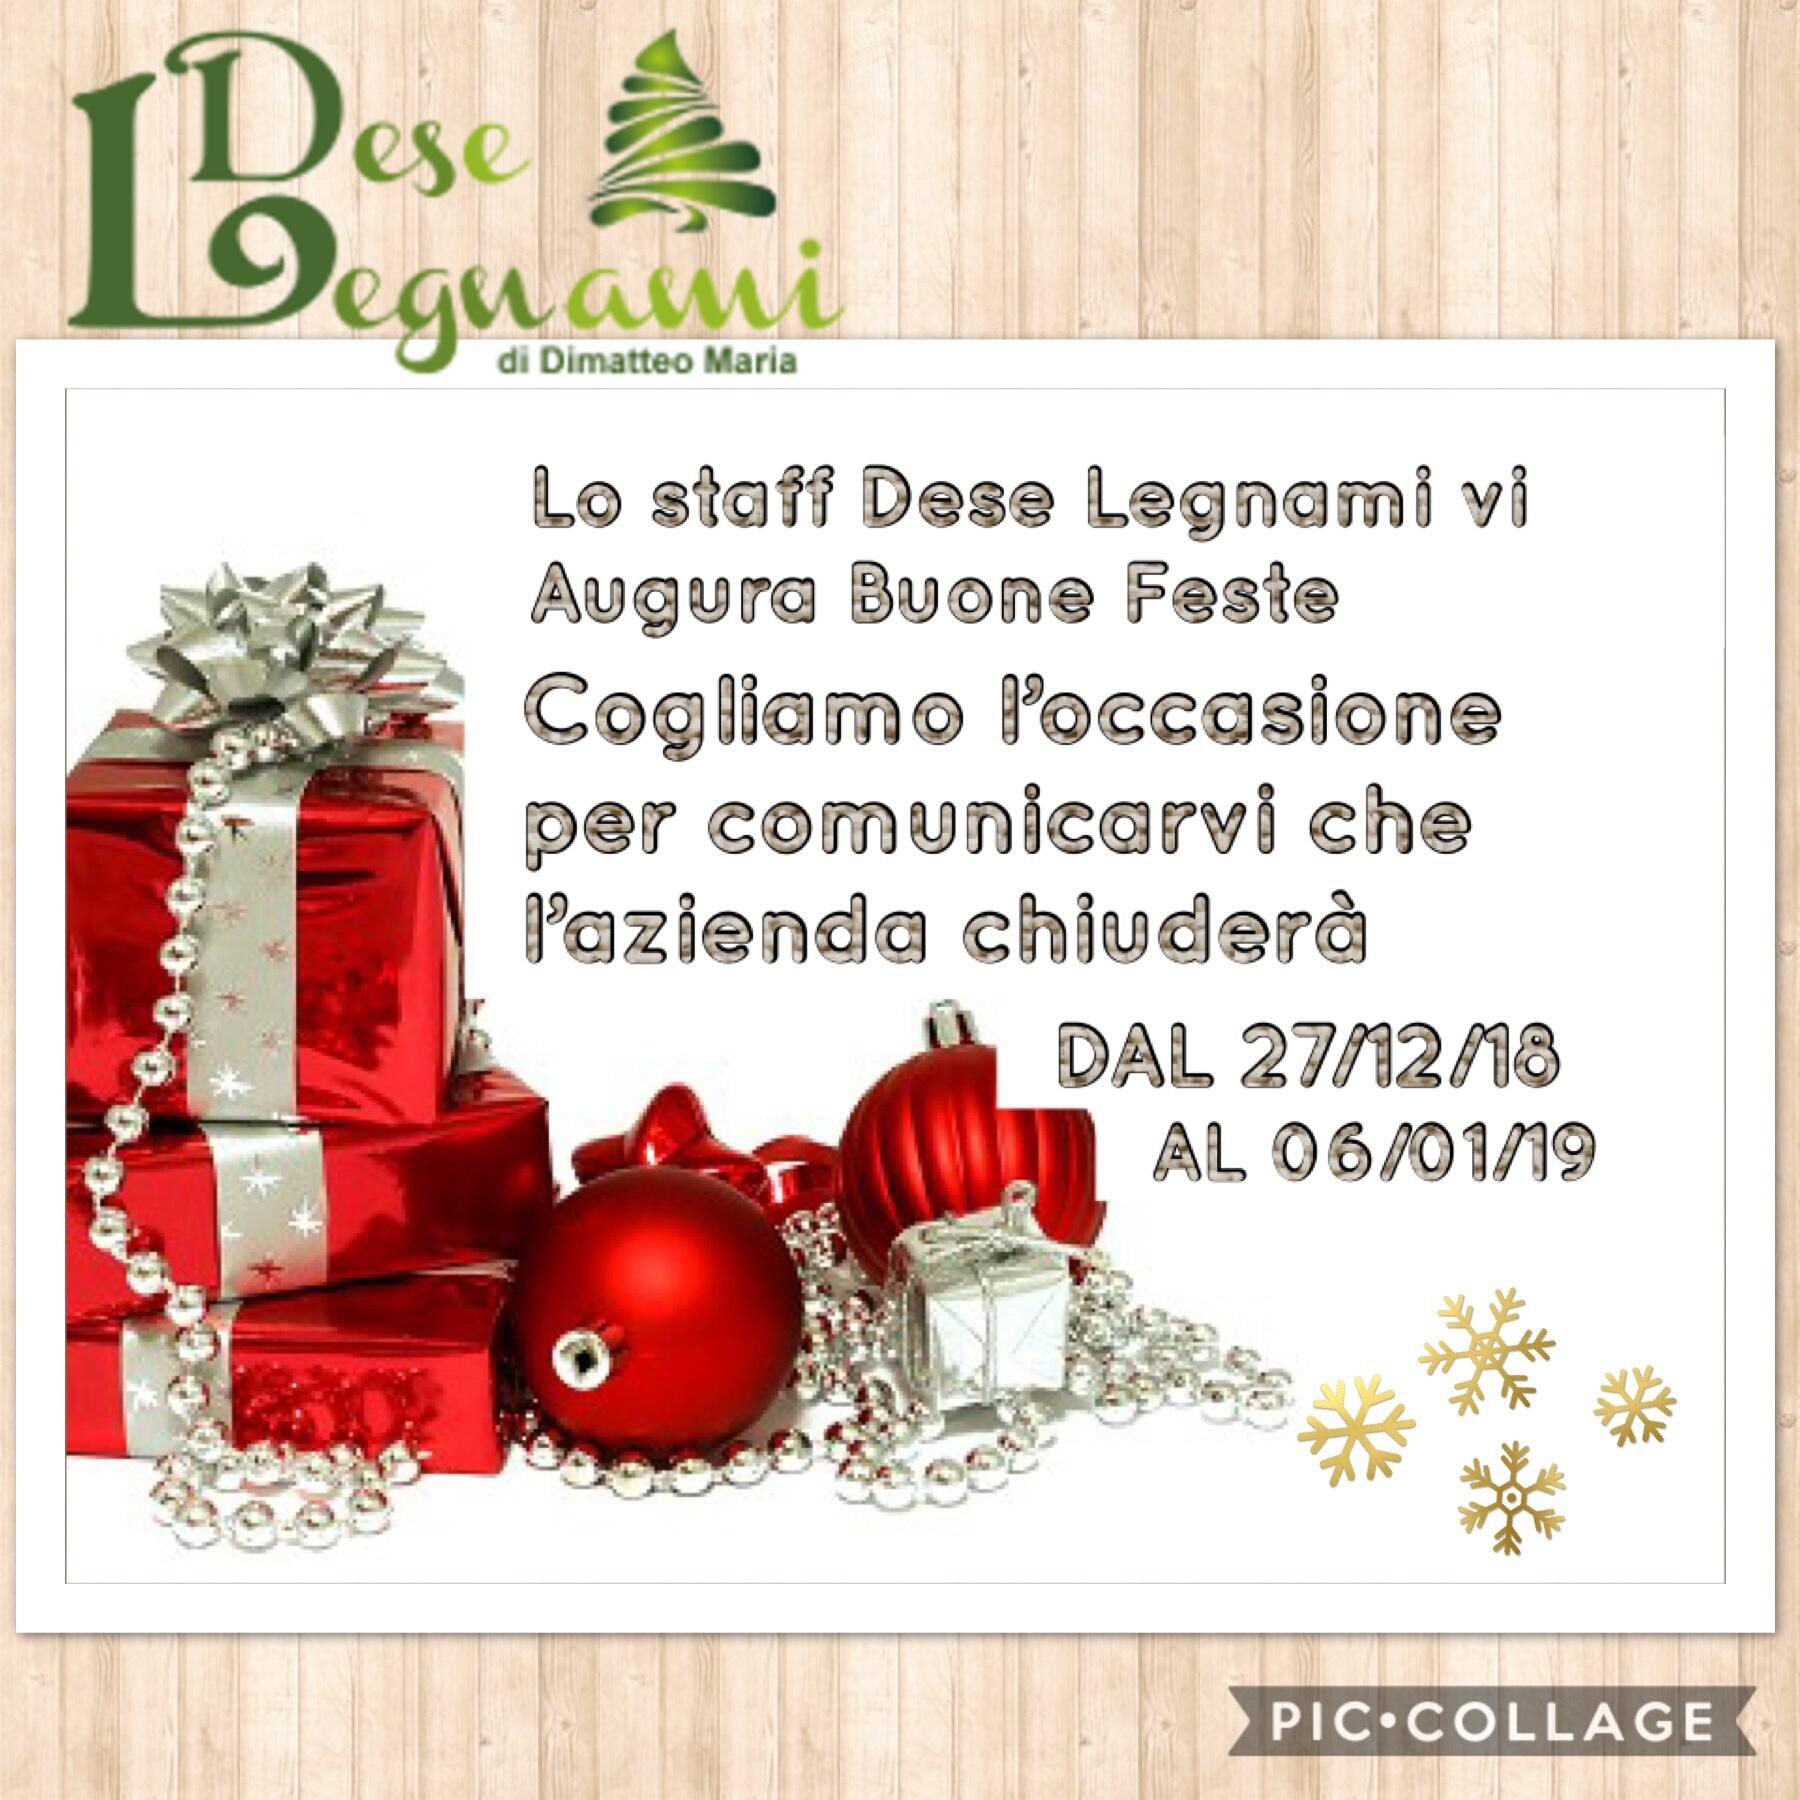 Wir Wünschen Euch Frohe Weihnachten Und Einen Guten Rutsch.Frohe Weihnachten Und Ein Gutes Neues Jahr Dese Legnami